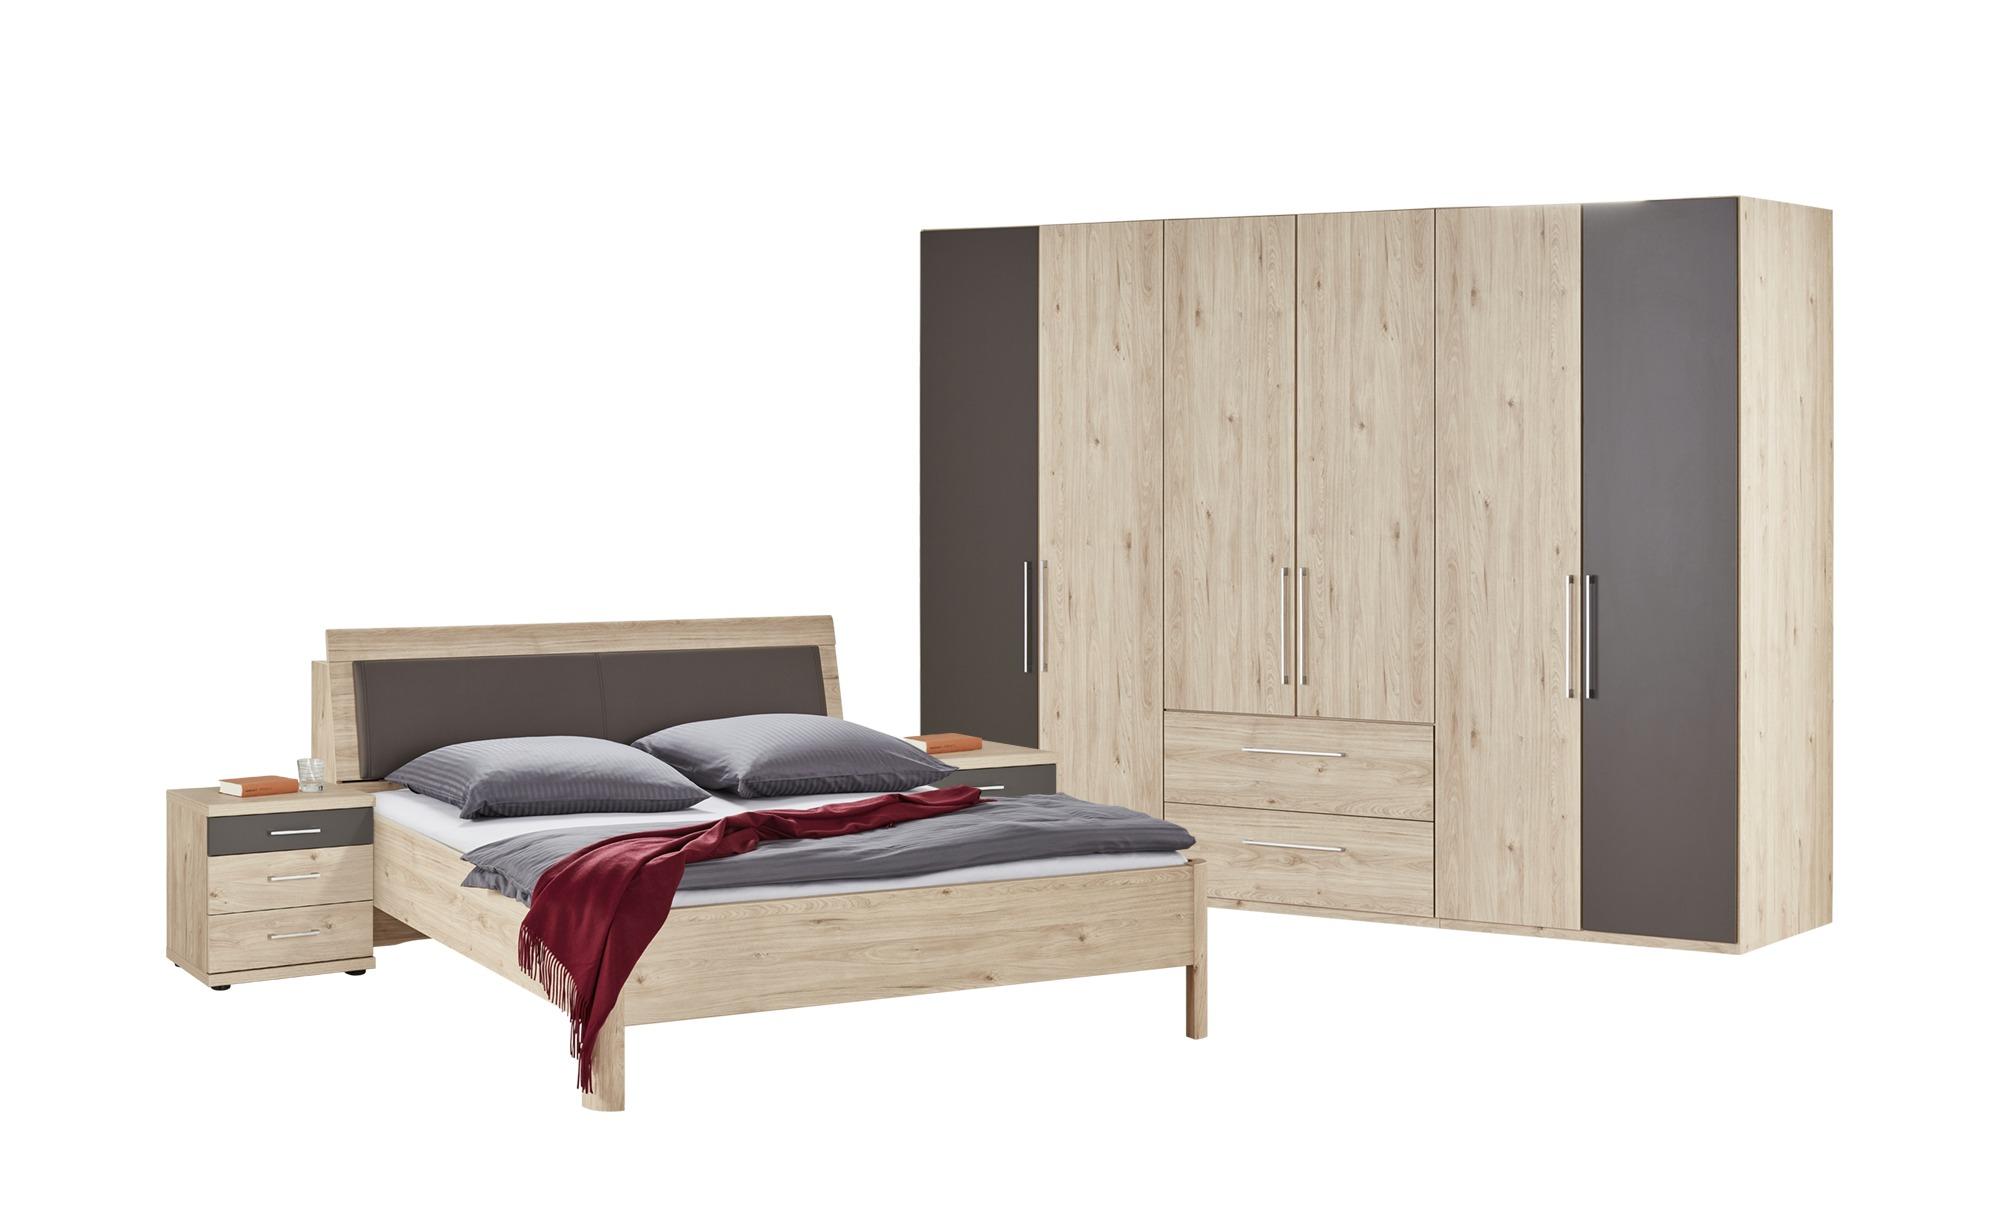 uno Komplett-Schlafzimmer, 4-teilig Grenada - holzfarben - 306 cm - 220 cm  - 71 cm - Komplett-Schlafzimmer - Möbel Kraft